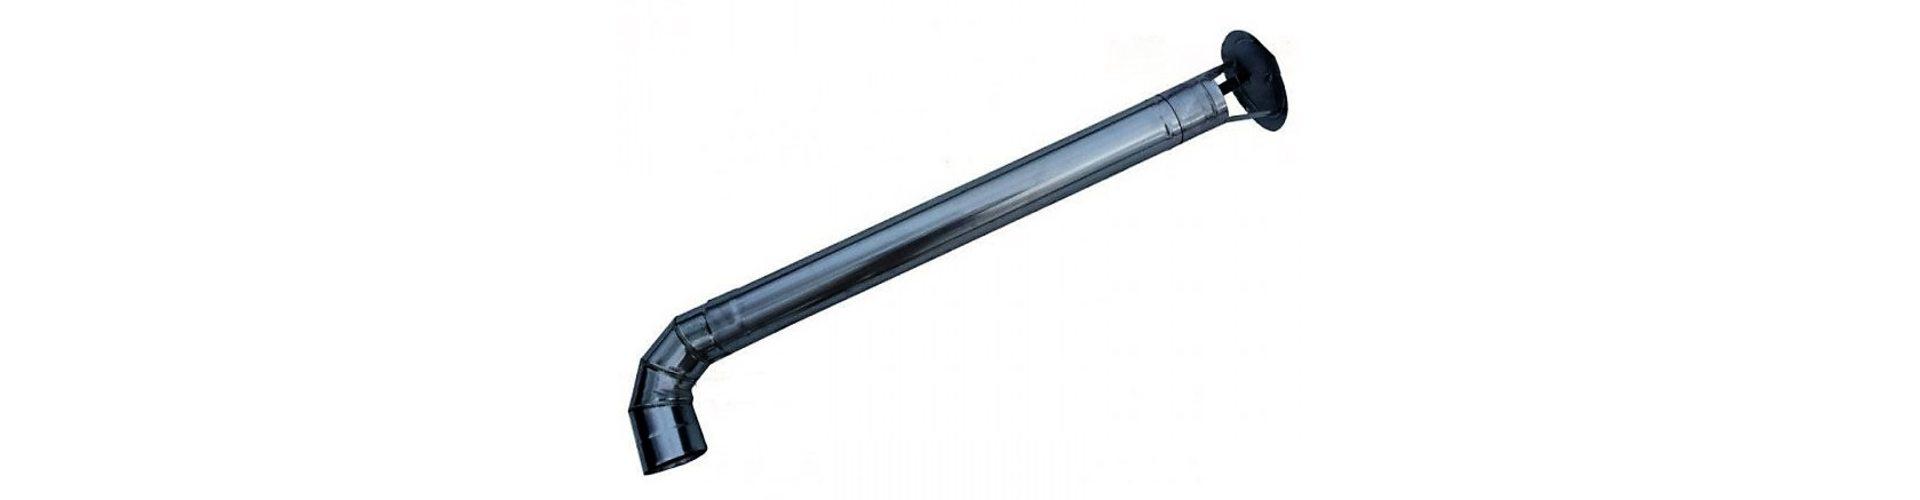 Дымоход для печки усилит тягу и отведет дым за крышу мангала.